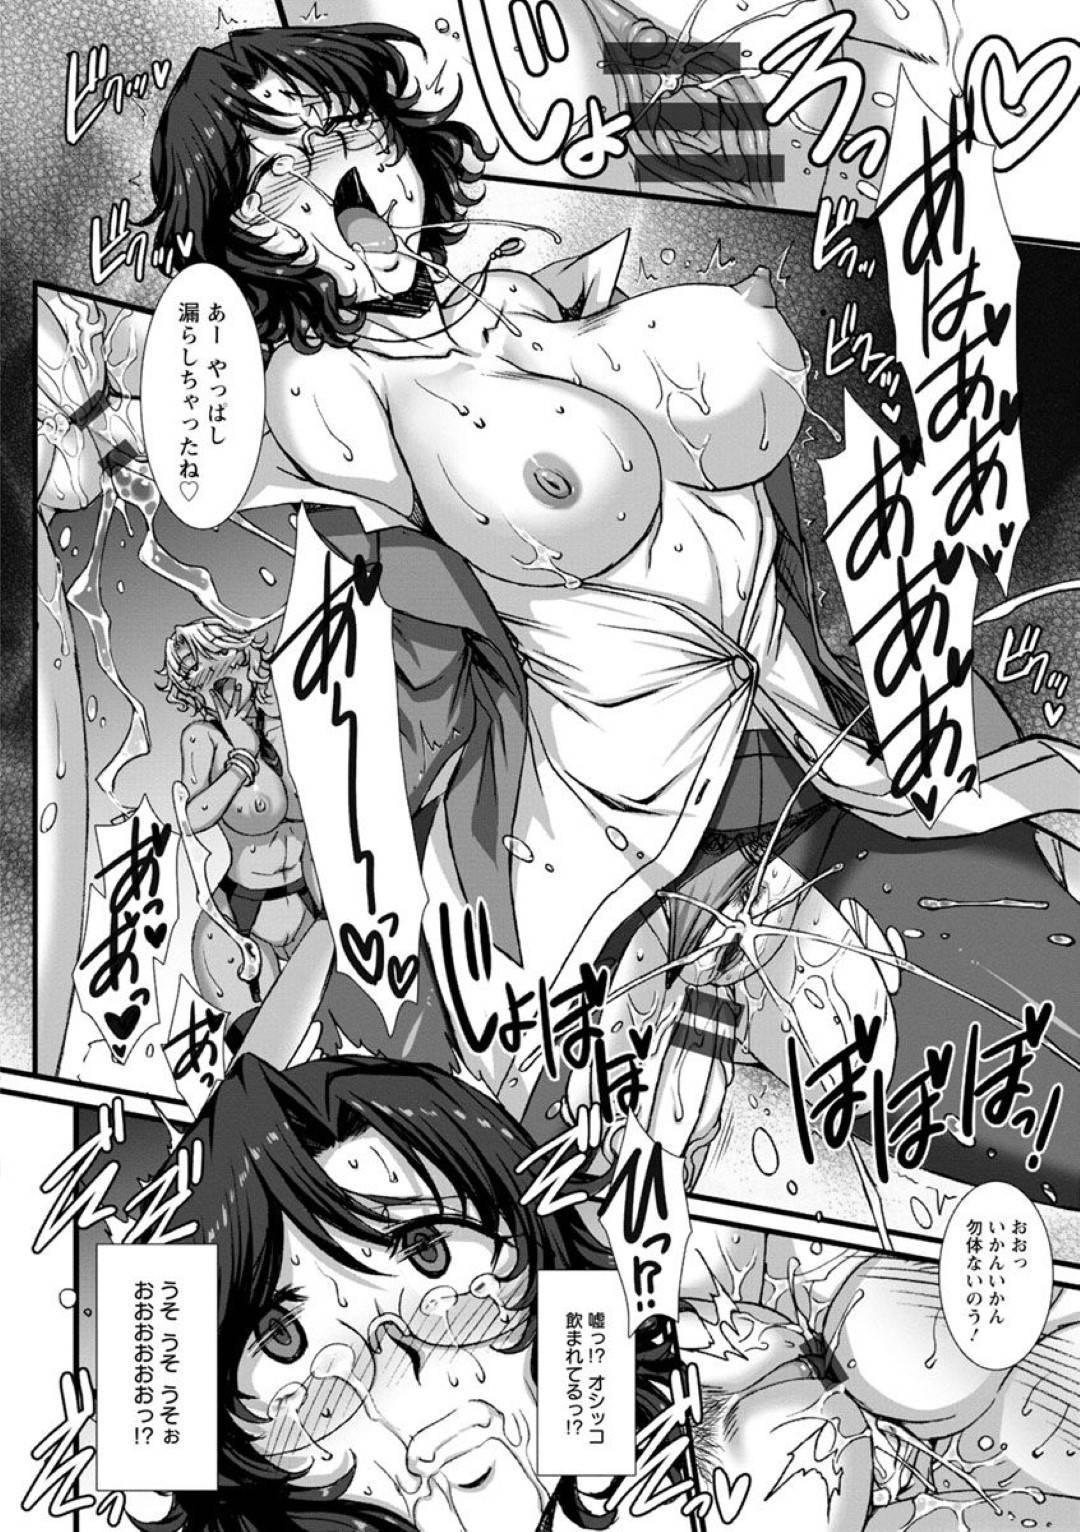 【エロ漫画】会長たちとの乱交セックスに参加する羽目になってしまった美人秘書OL。戸惑う彼女は男たちに容赦なくディープキスされたり、生ハメされたりとやりたい放題になる!